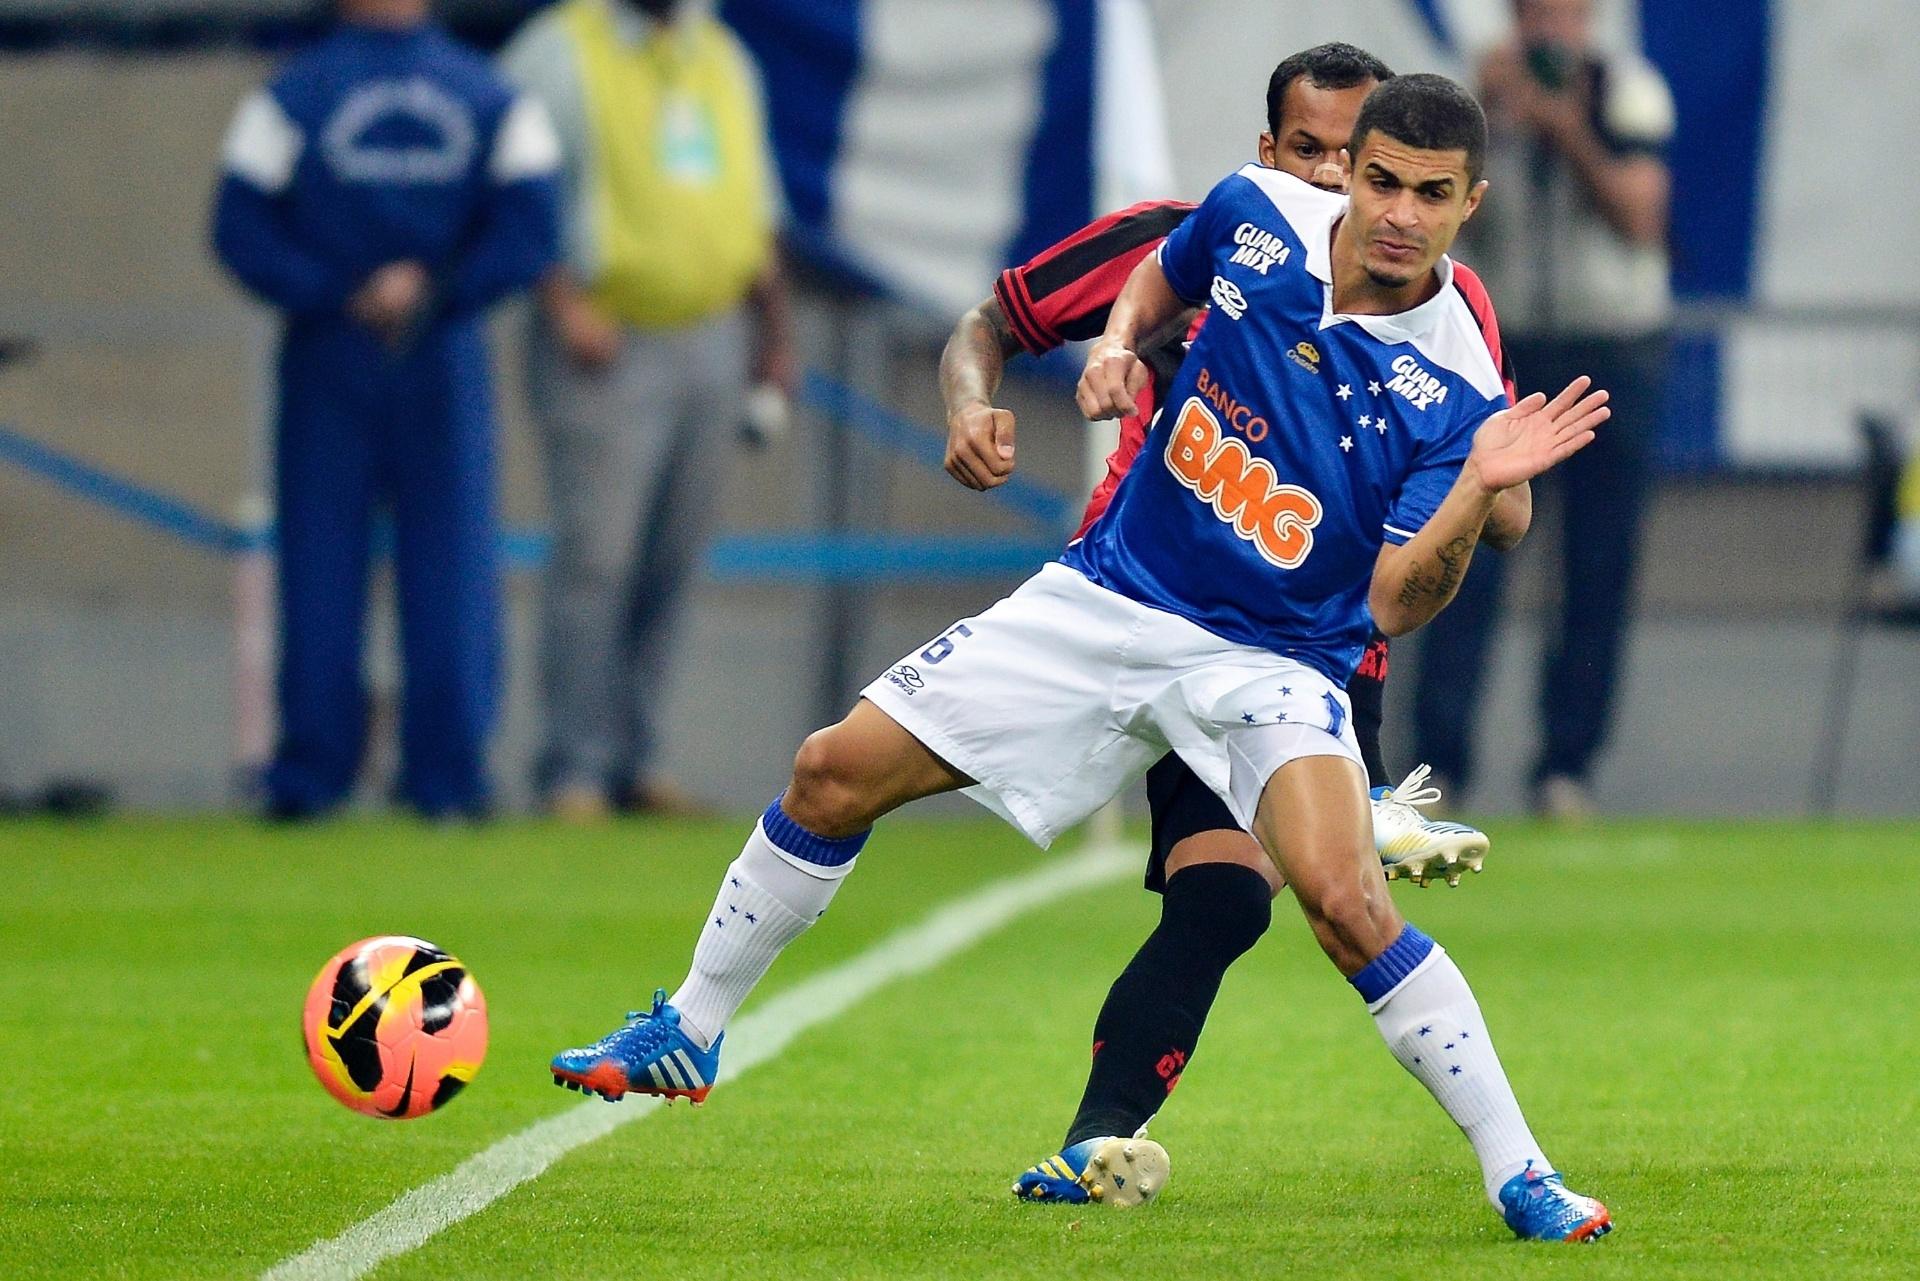 14.set.2013 - Egídio, lateral esquerdo do Cruzeiro, fica de costas para o marcador durante jogo contra o Atlético-PR